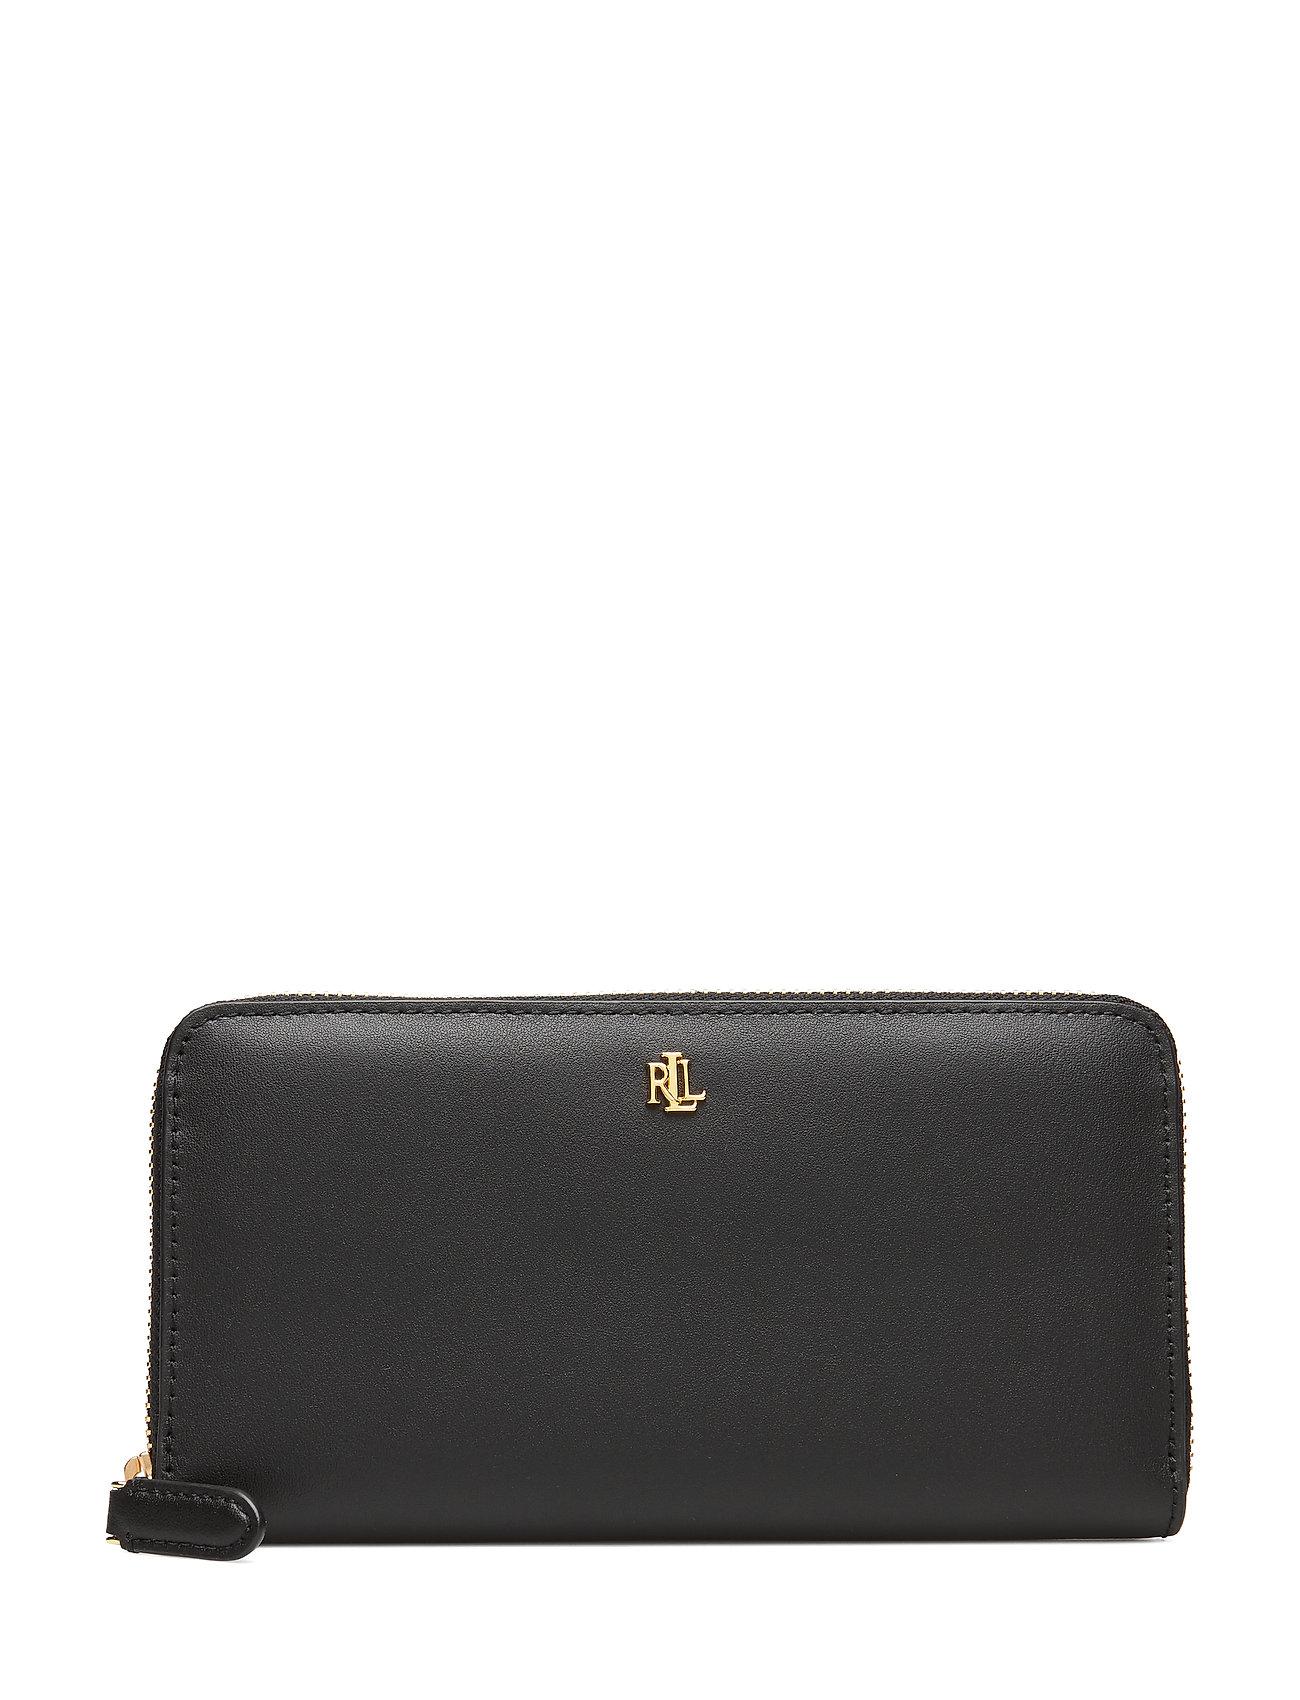 Lauren Ralph Lauren Leather Continental Zip Wallet - BLACK/CRIMSON